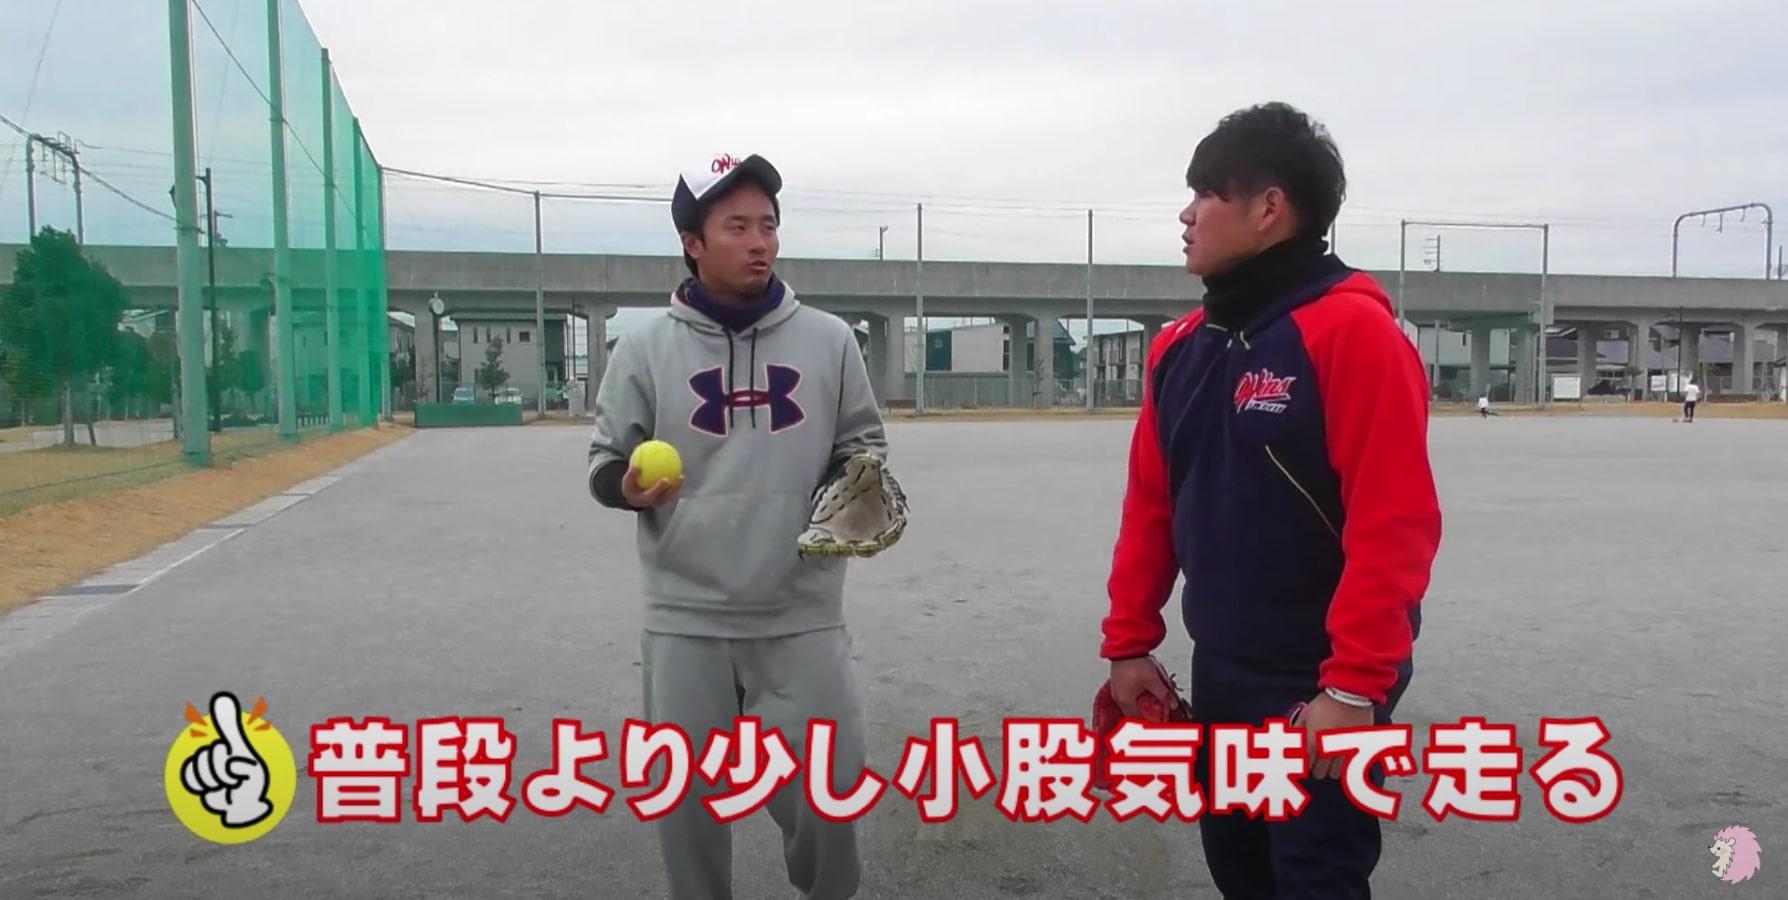 【ソフトボール】ピッチャーの守備 バント処理のコツを紹介_普段より少し小股で走ることを意識